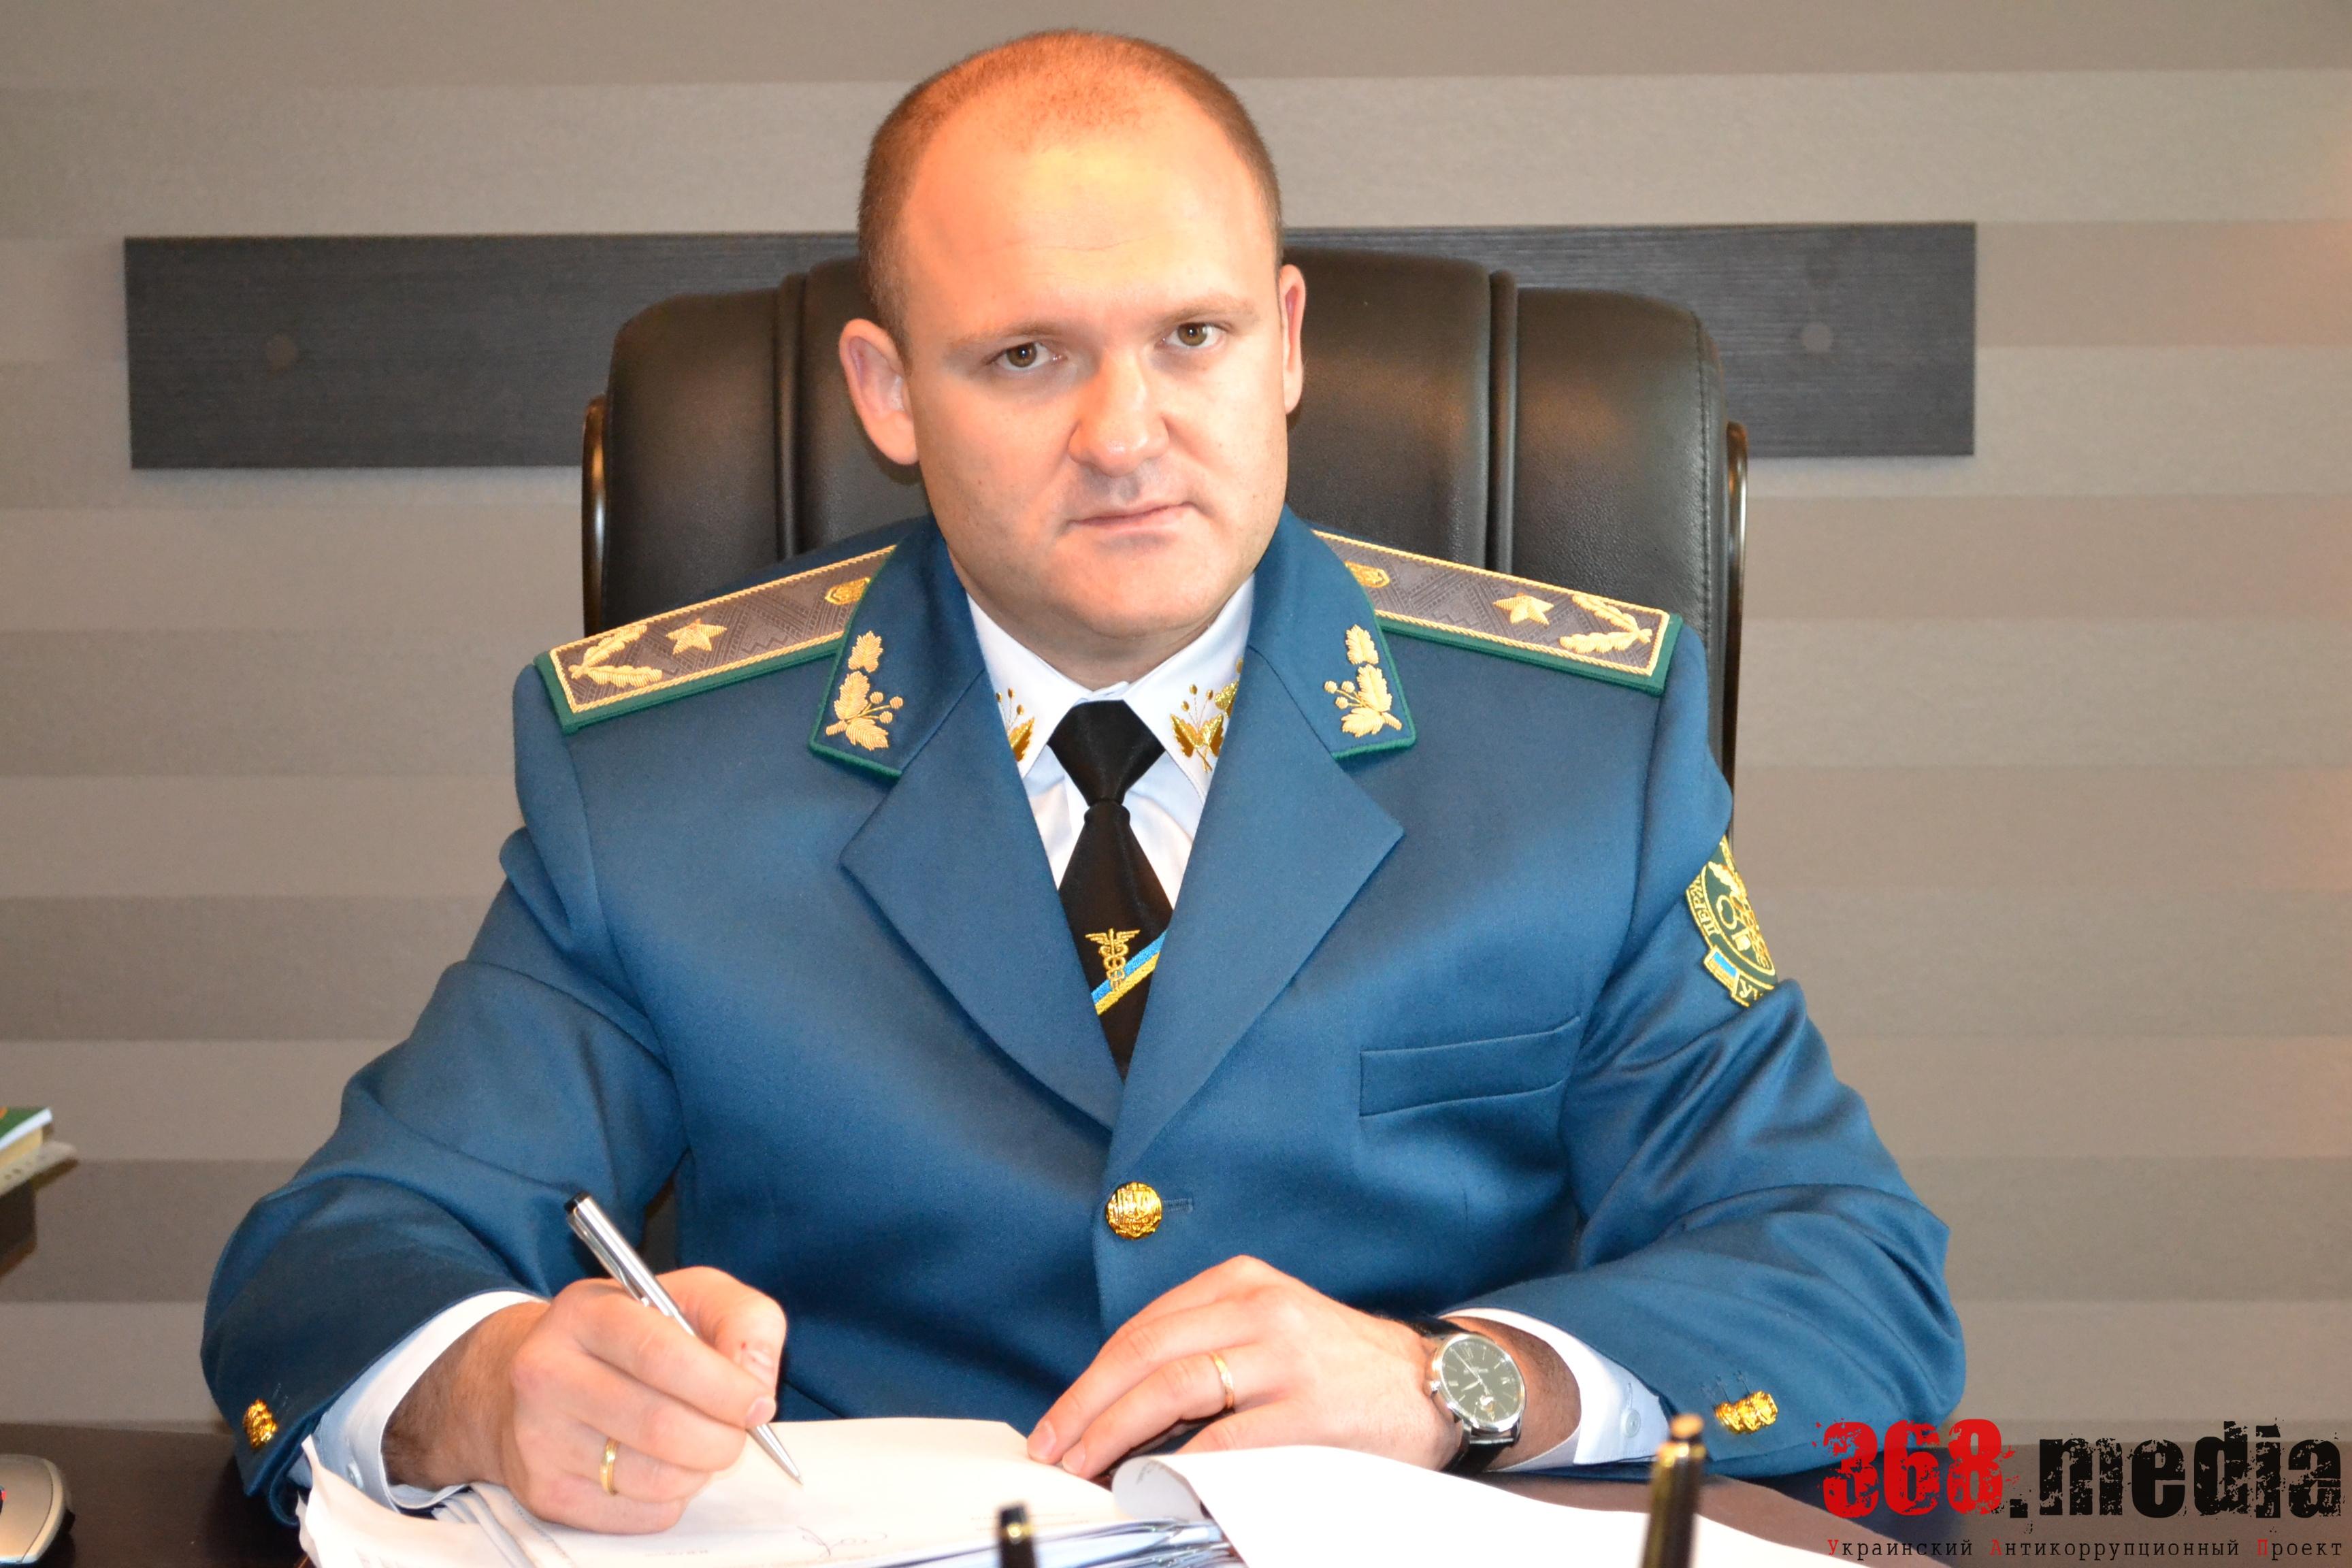 Генпрокурор Шокин люстрировал Орлова и продолжает «чистку» ведомства